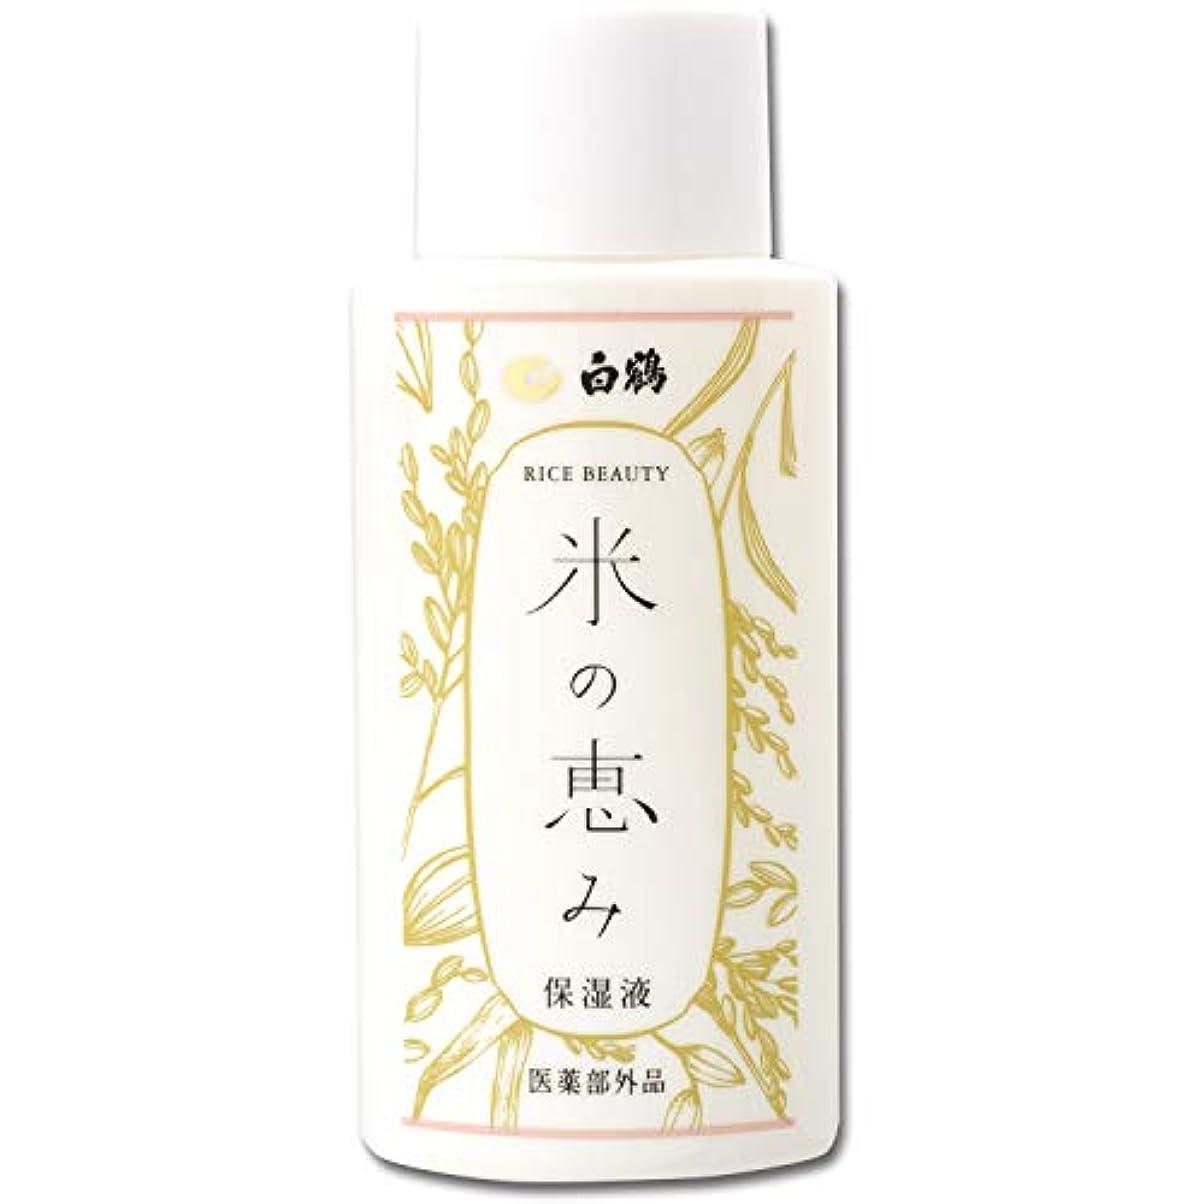 ライター華氏たまに白鶴 ライスビューティー 米の恵み 保湿液 150ml(高保湿とろみ化粧水/医薬部外品)